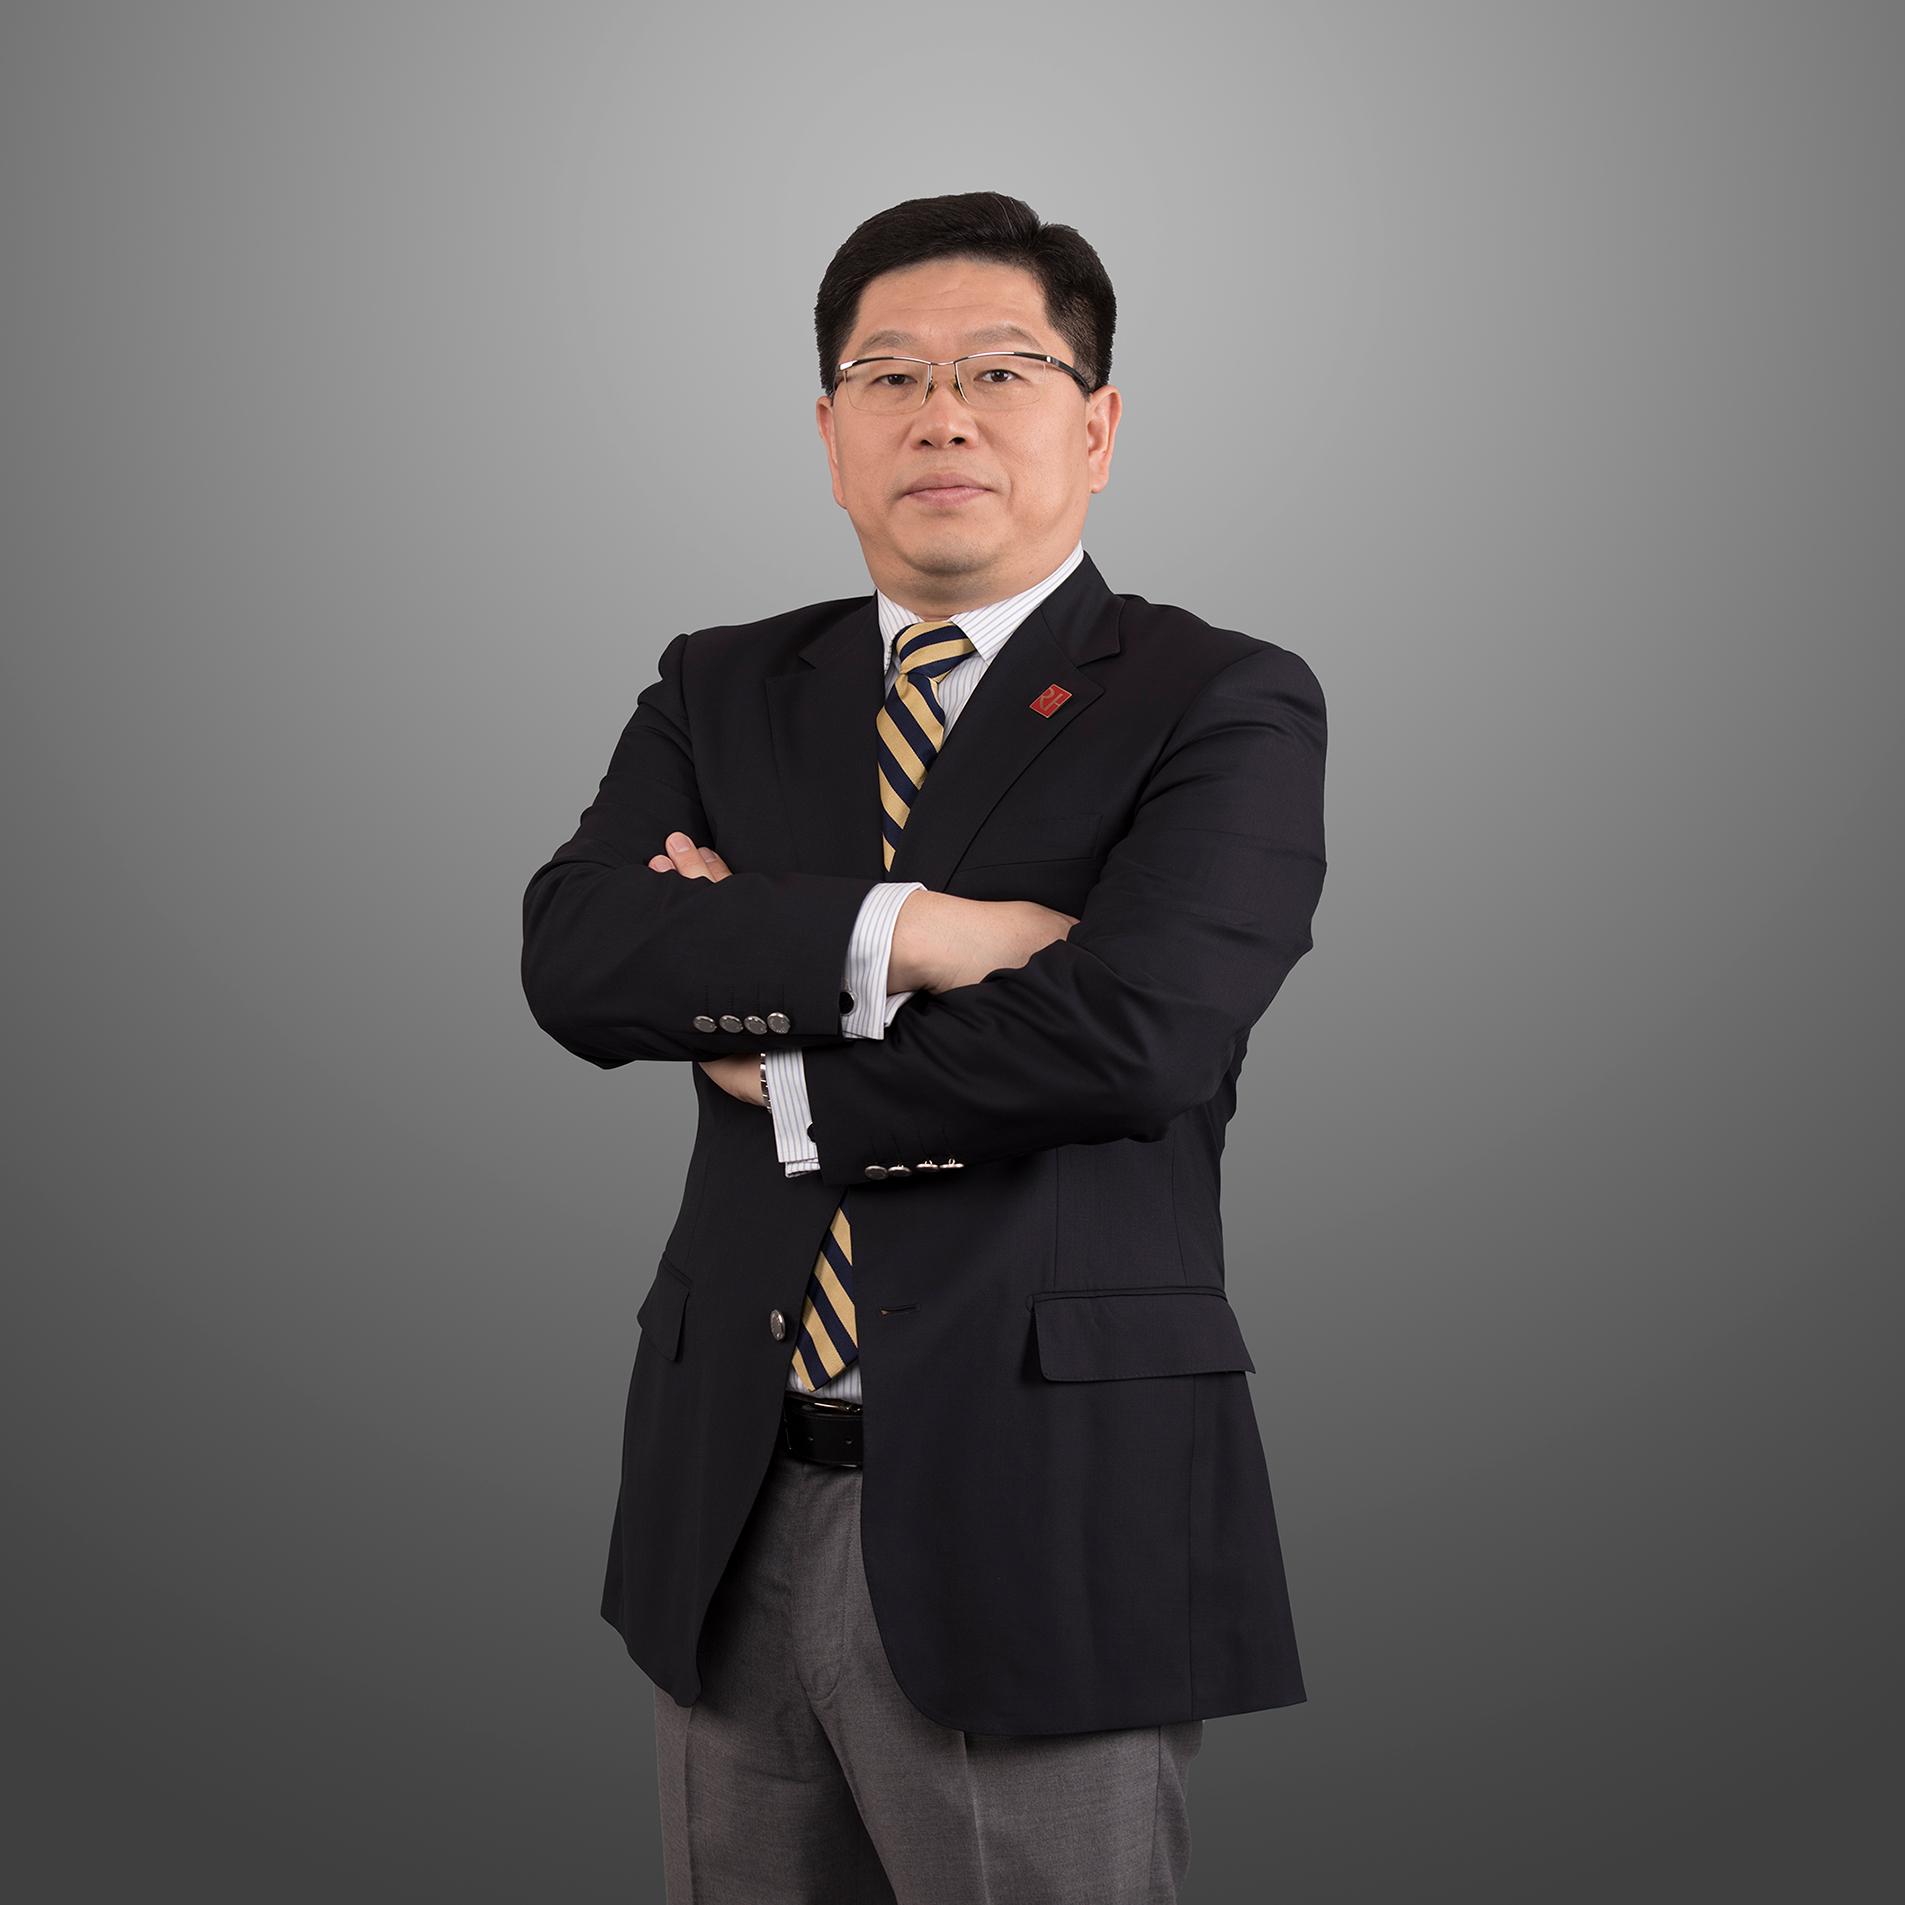 常务副会长李臻